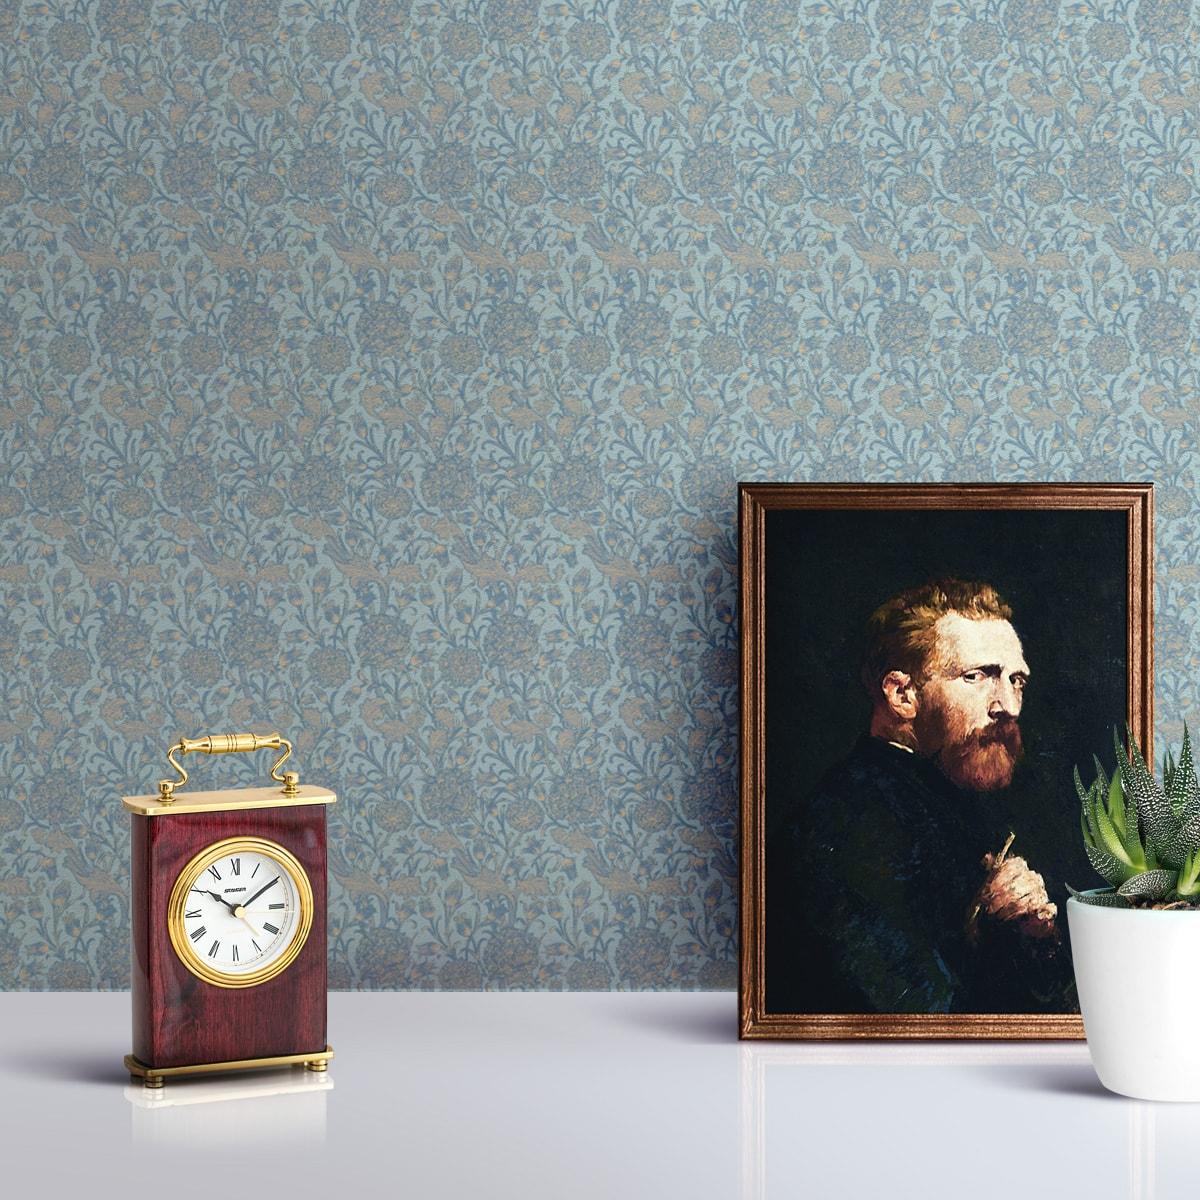 Schlafzimmer tapezieren in mittelblau: Hellblaue Jugendstil Tapete